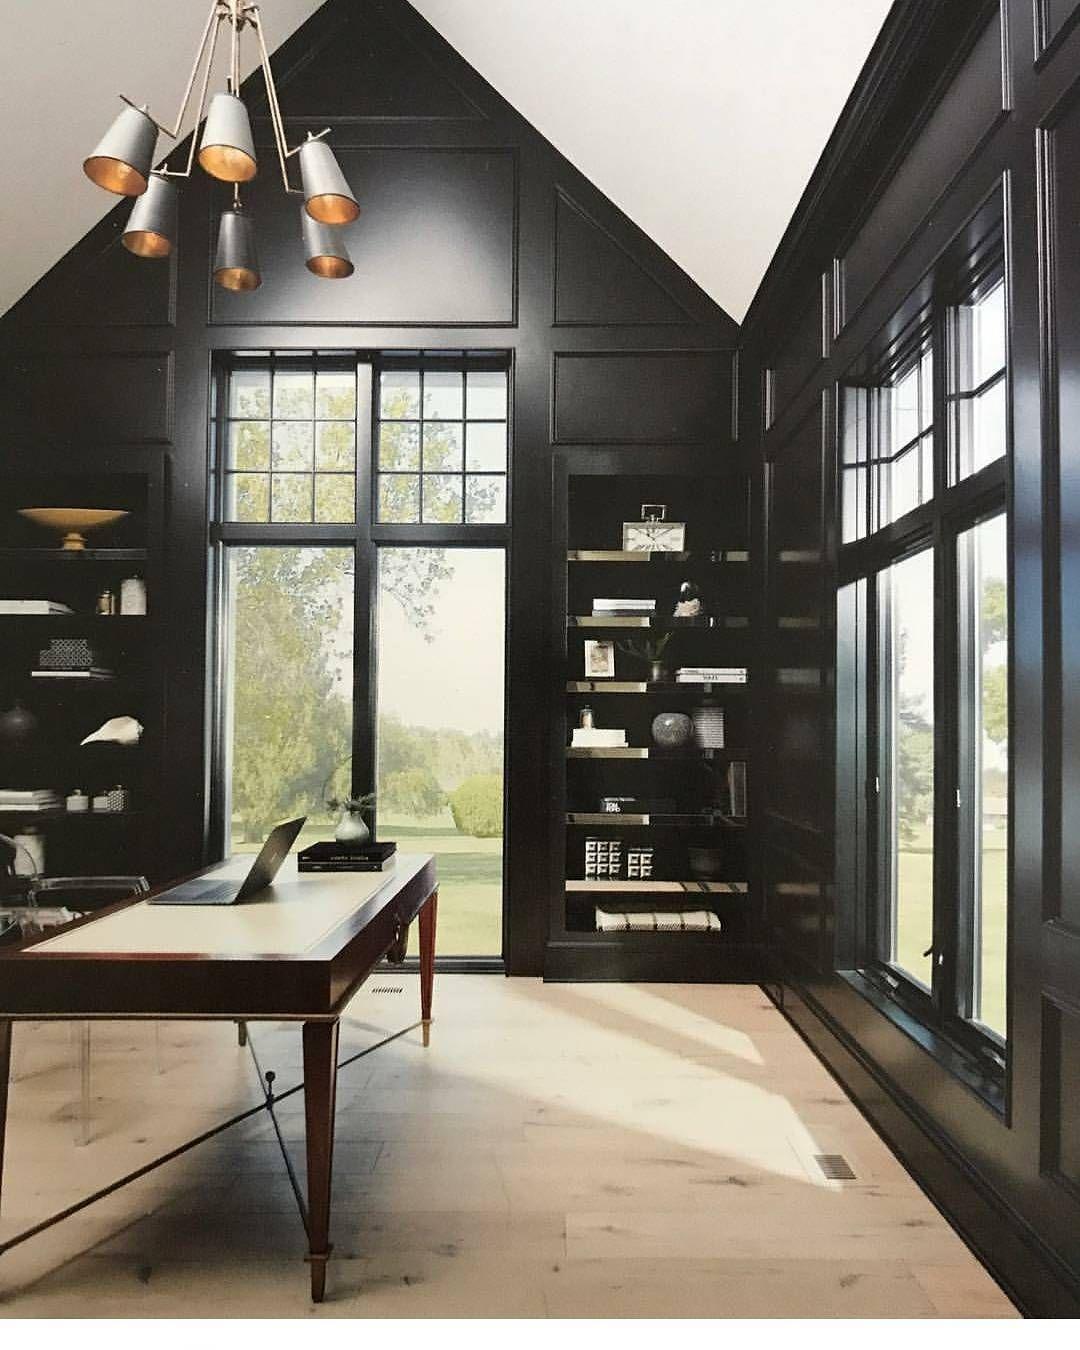 #interiordesign By Iris Dankner #bookshelves #black